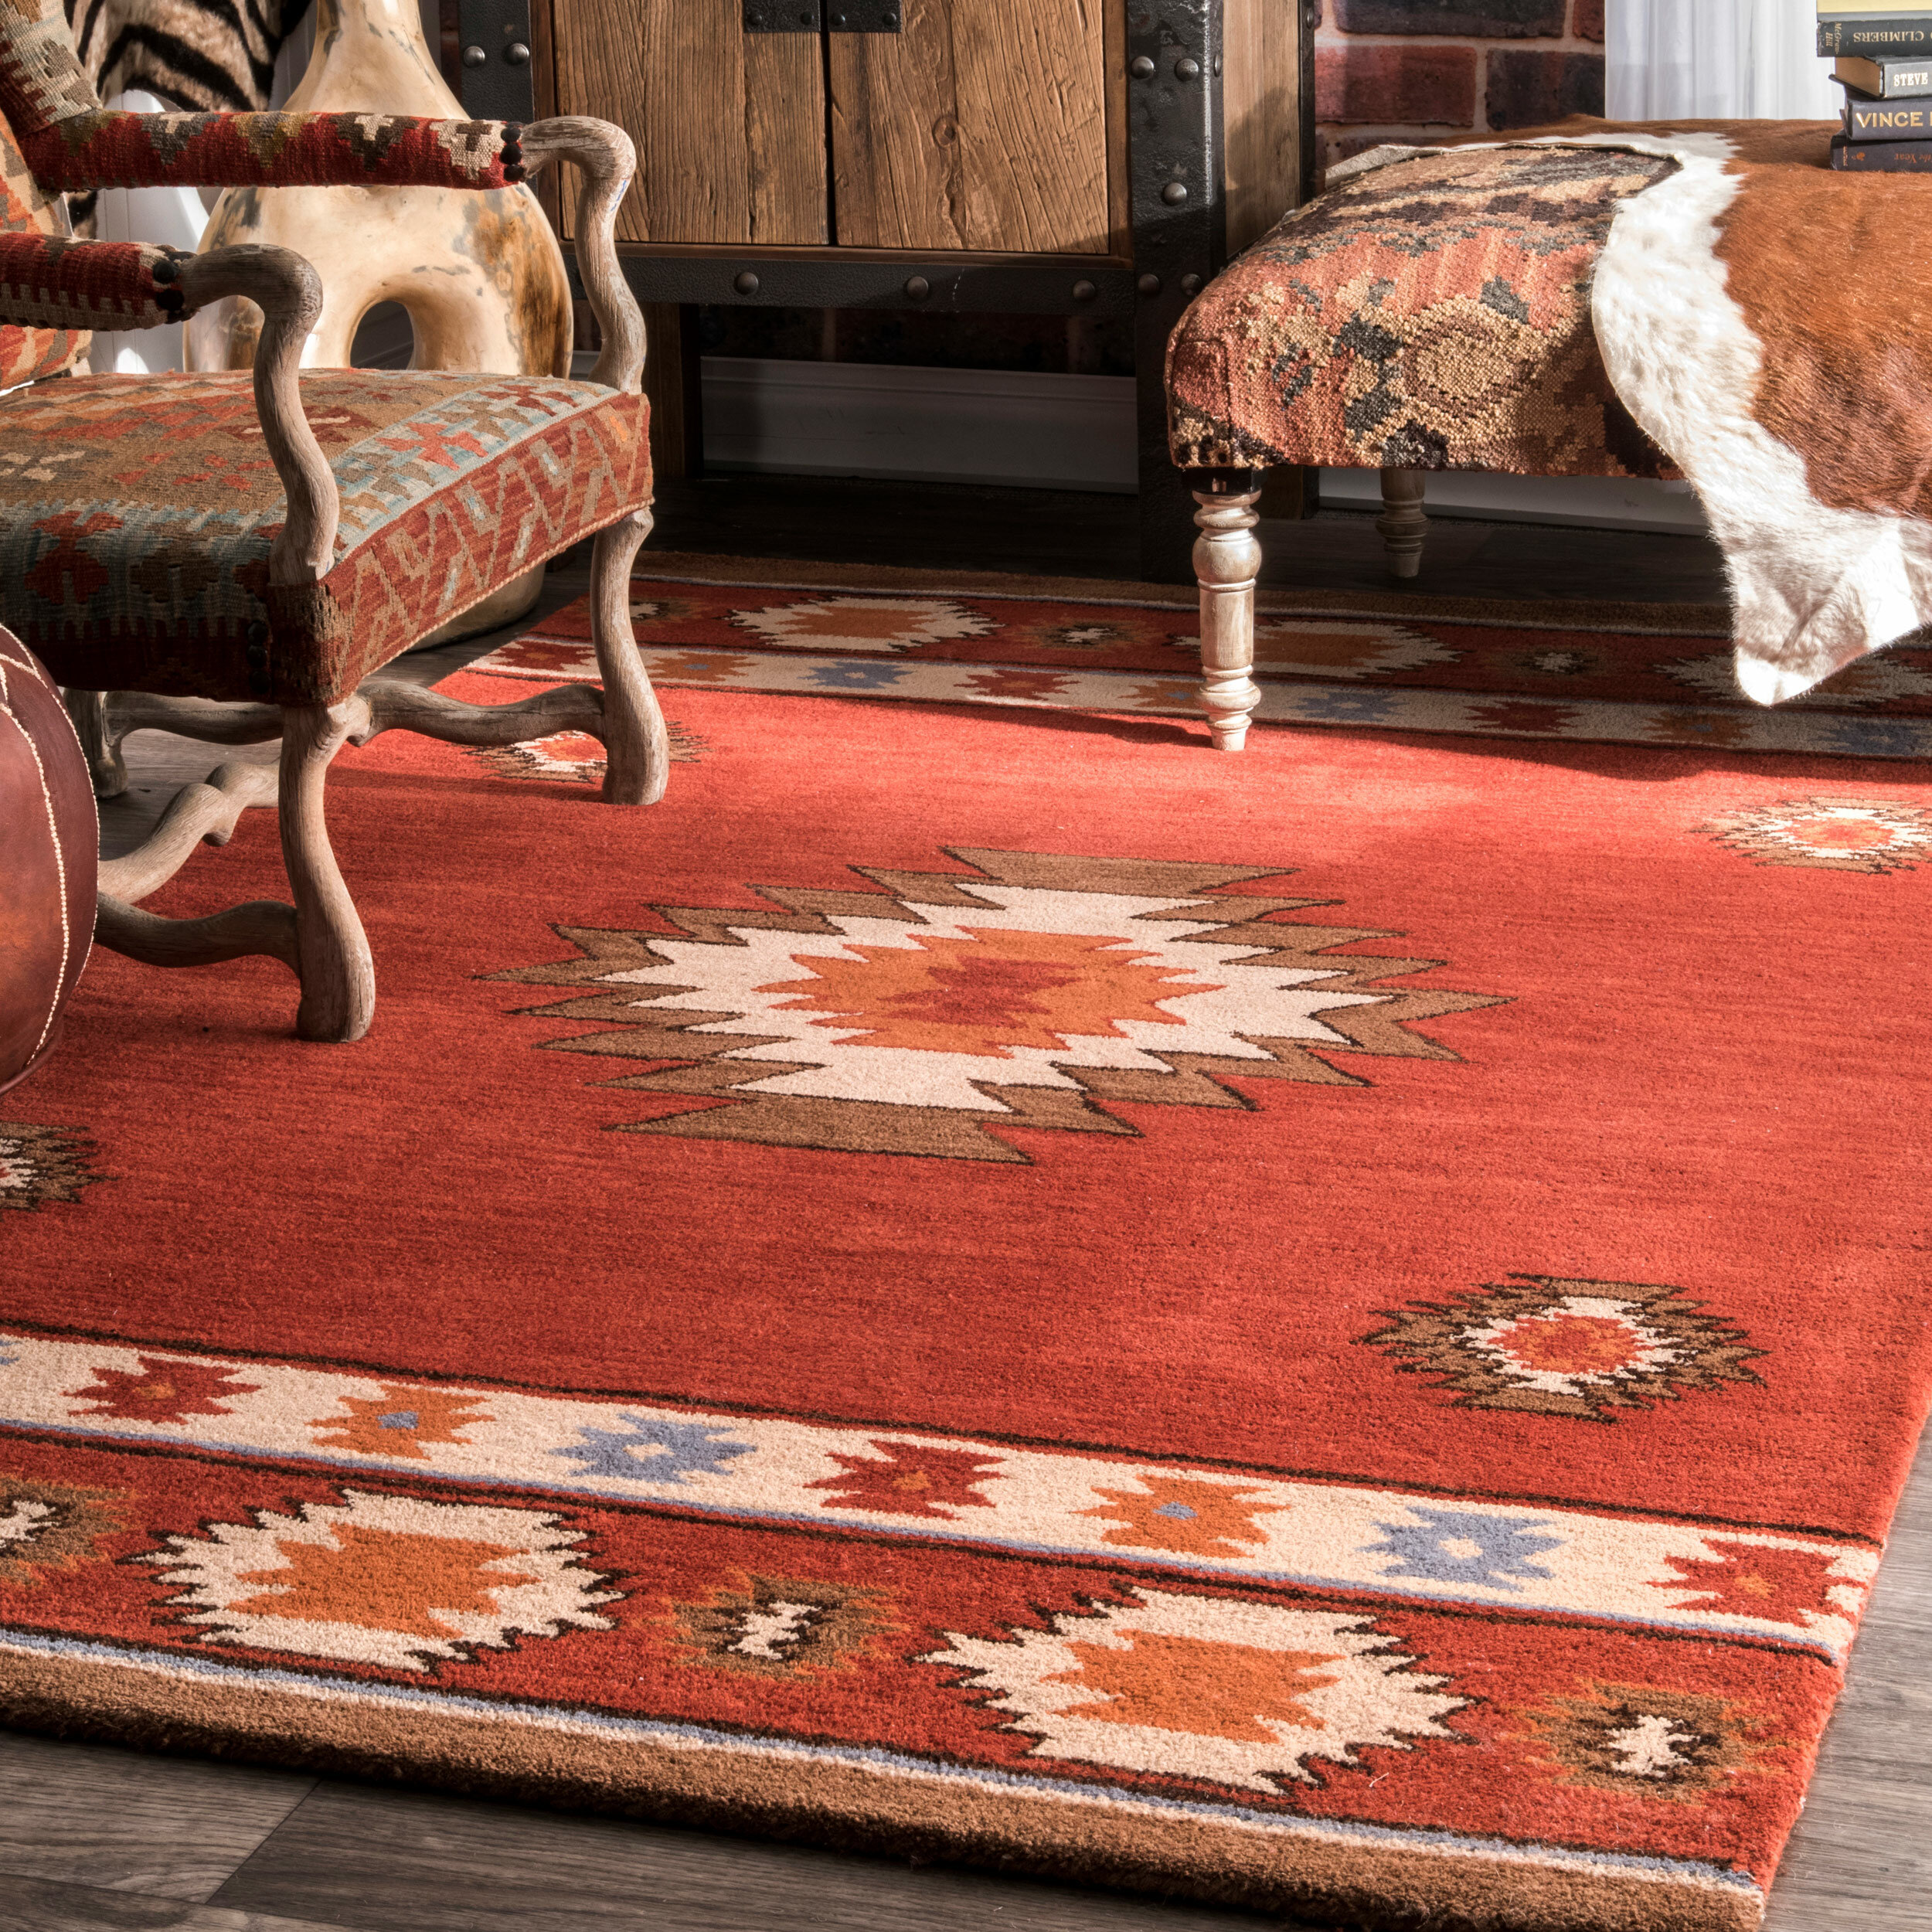 Handmade Tufted Wool Area Rug